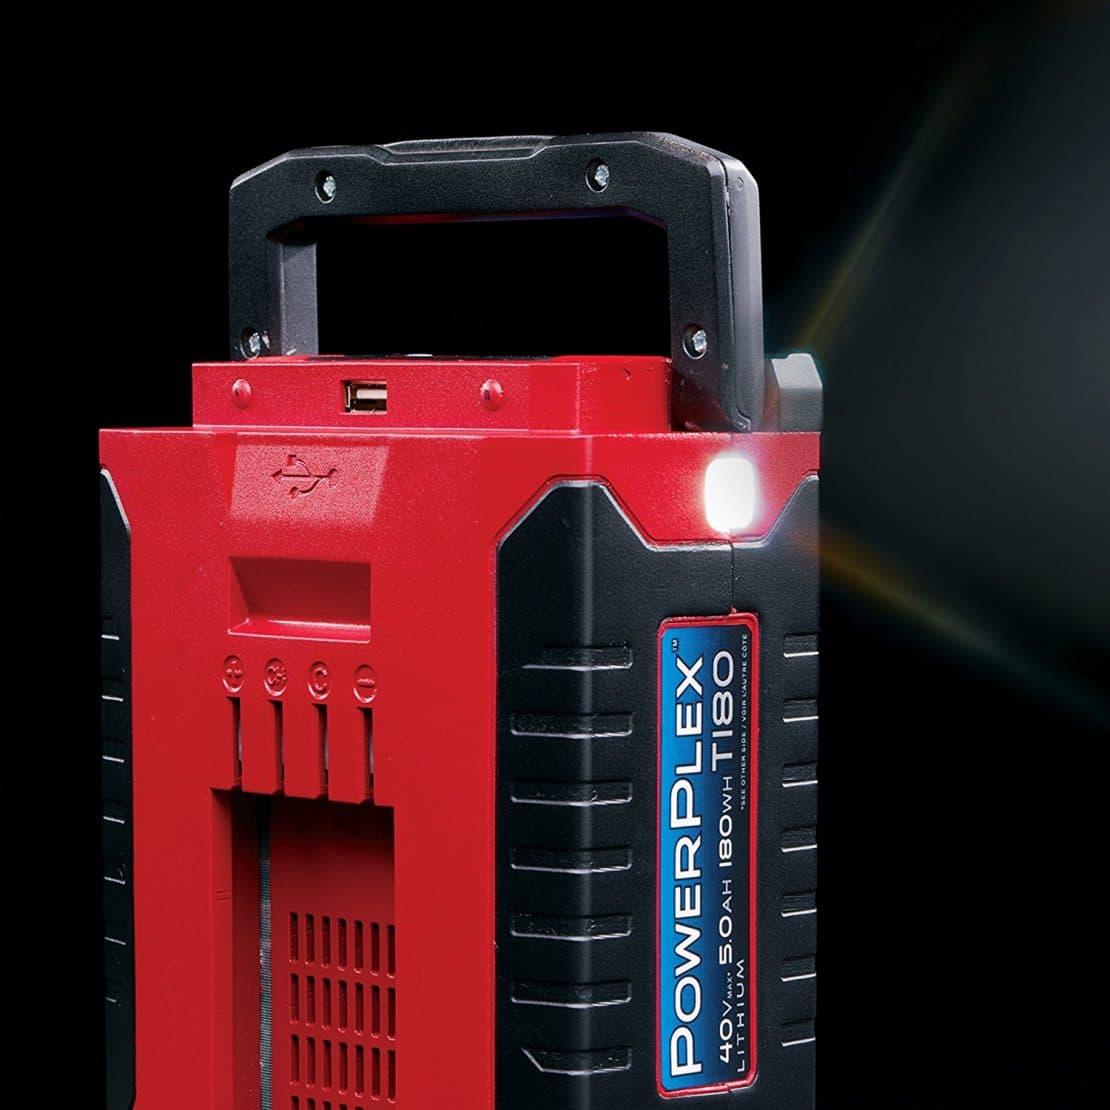 Toro S New Powerplex 40v Max Yard Tools